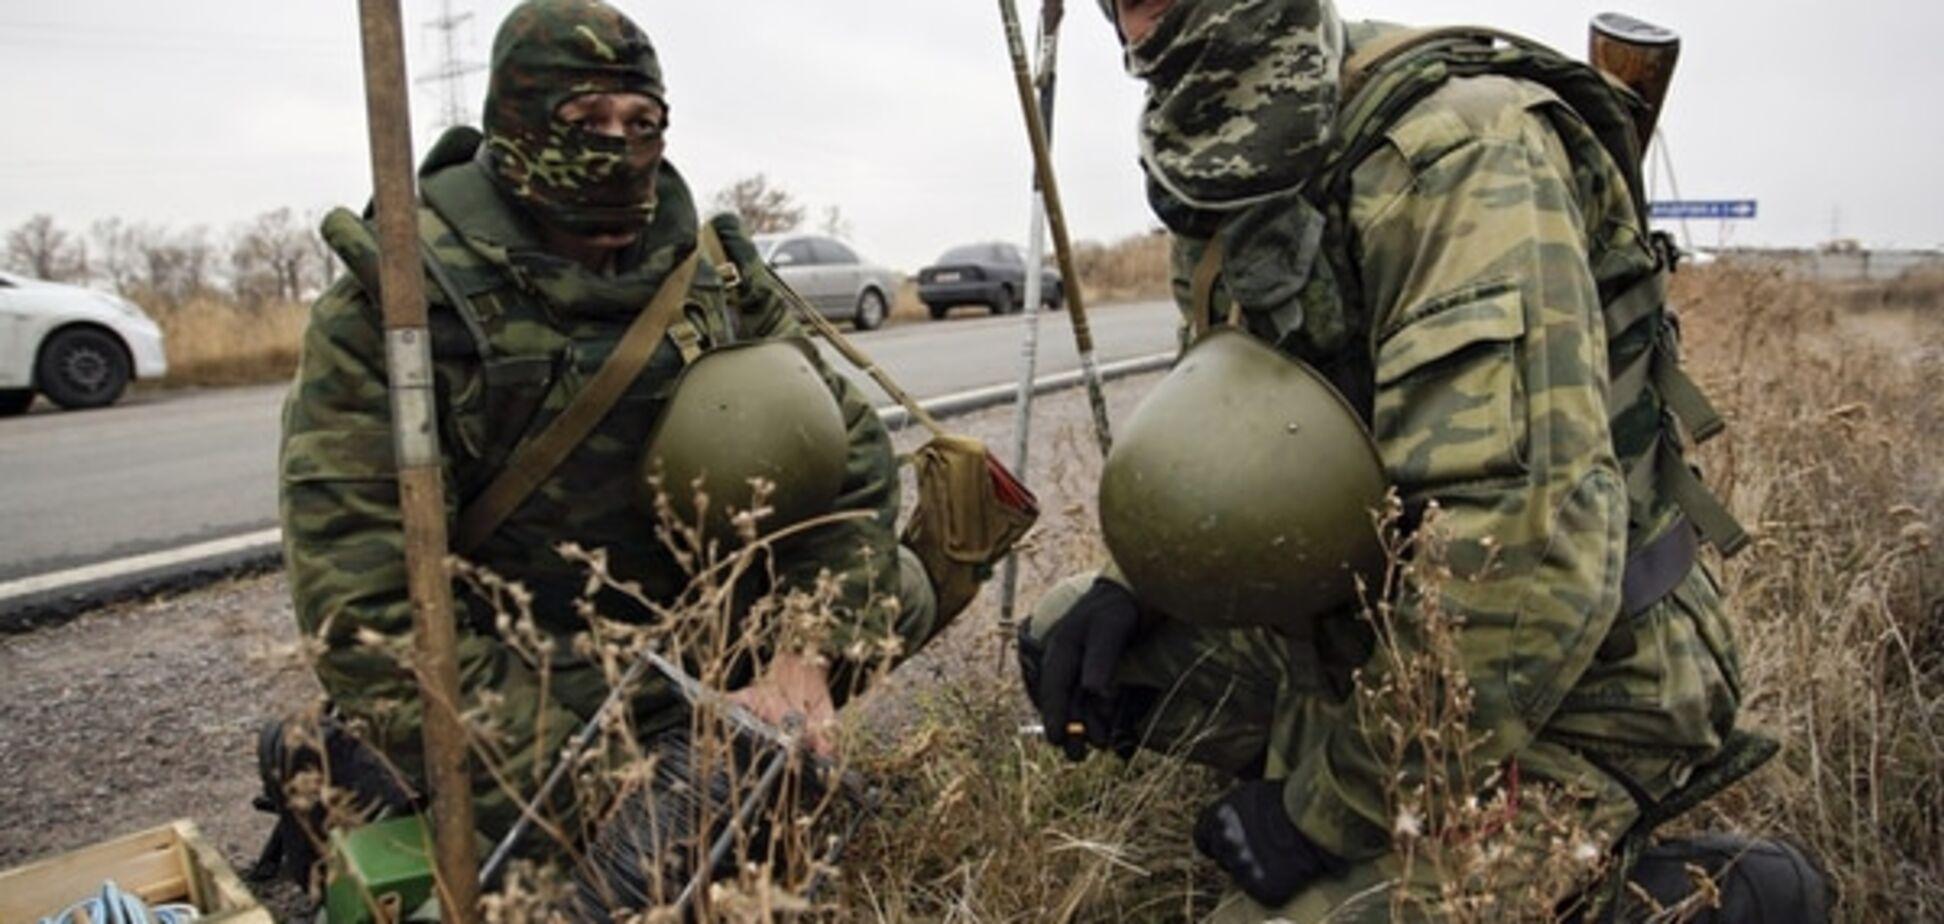 Терористи 'ДНР' організували 'бізнес' на викраденні людей